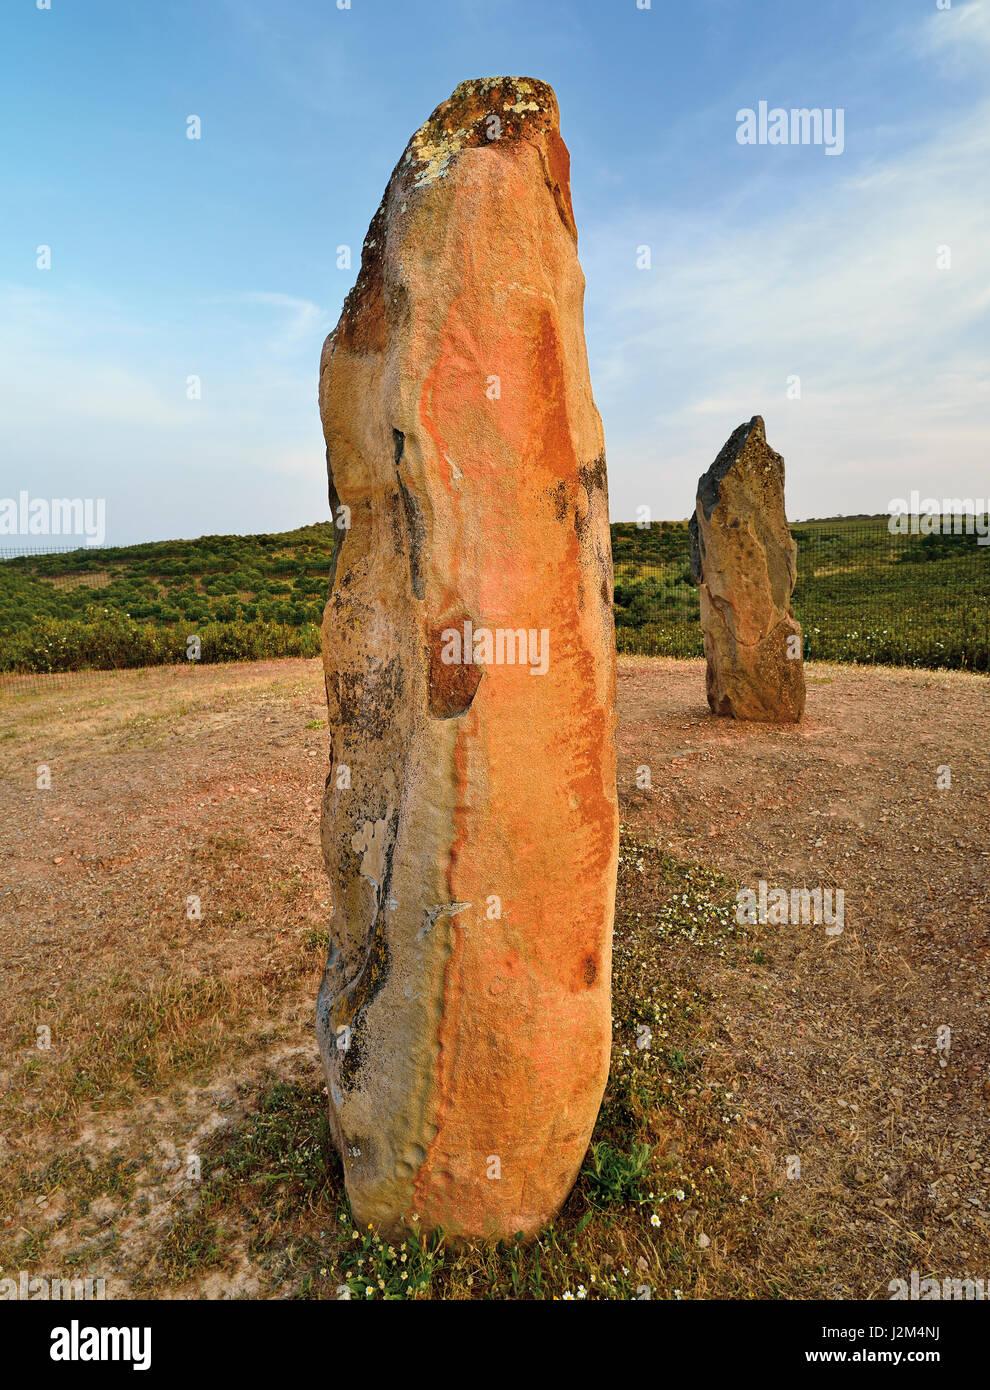 Portugal, Alentejo: Megalithic stone Menir do Lavajo - Stock Image